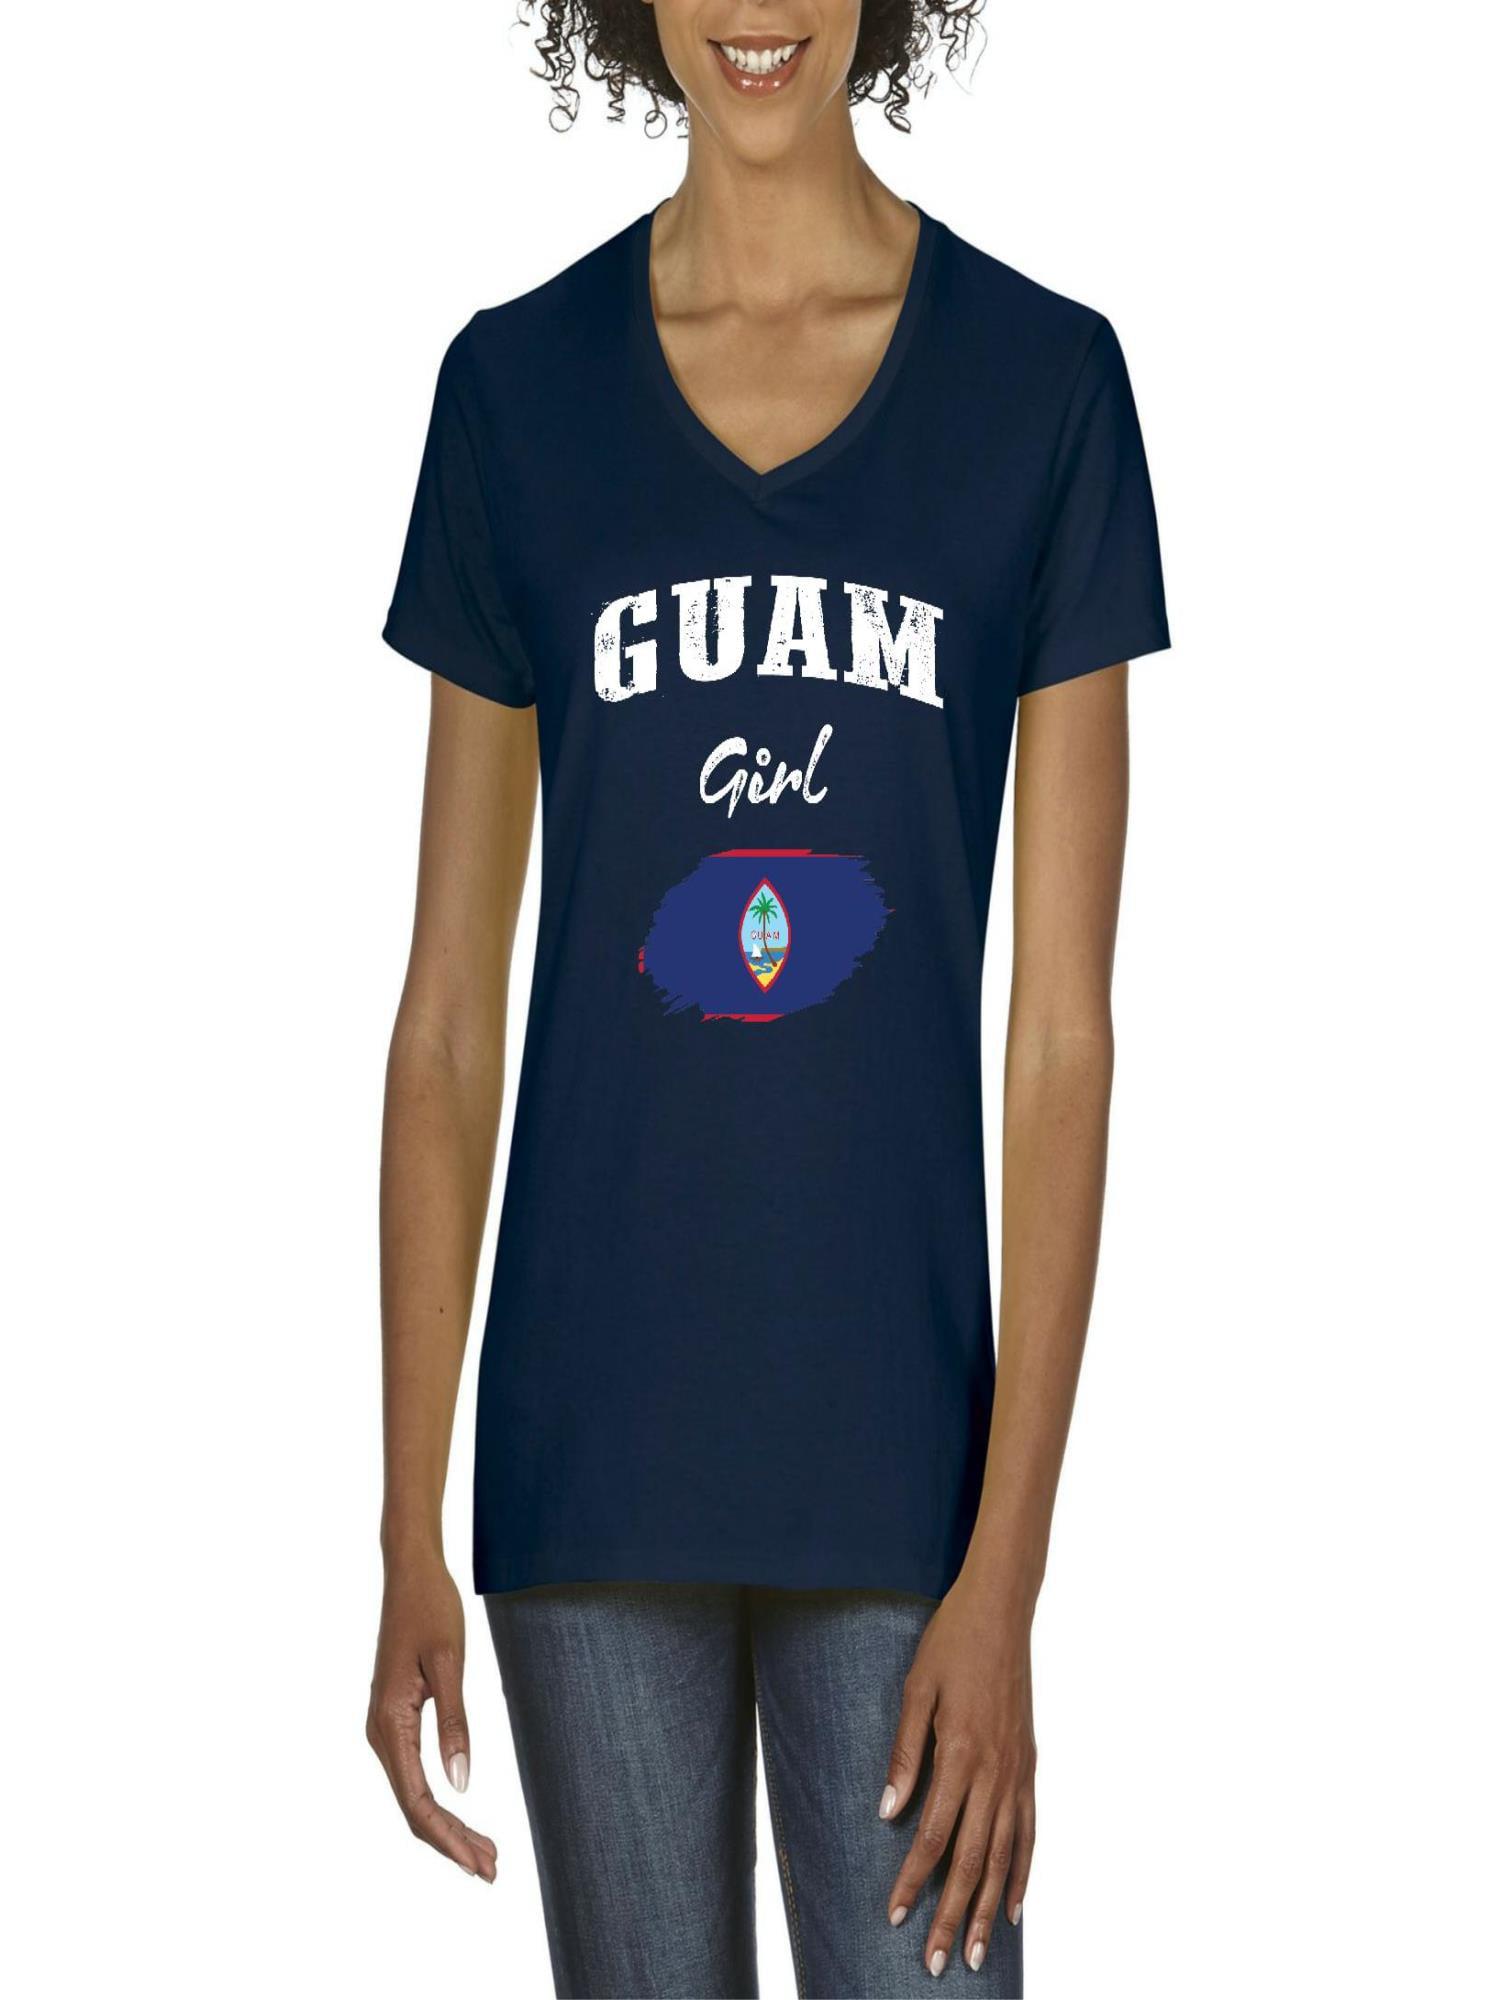 King Of Guam Polo Shirt